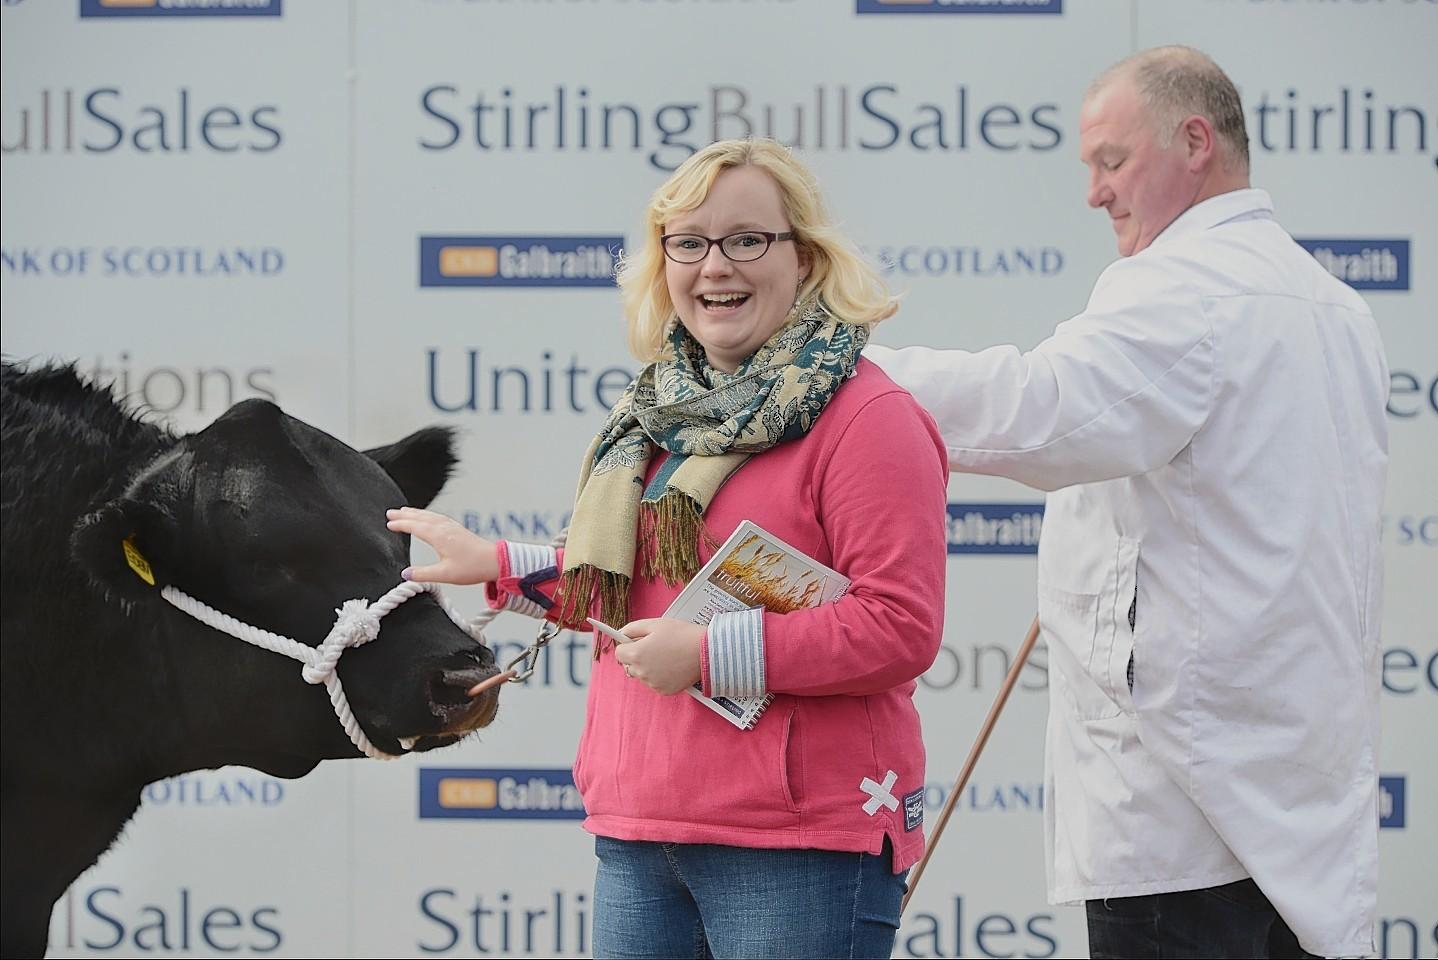 Farming editor Gemma Mackenzie